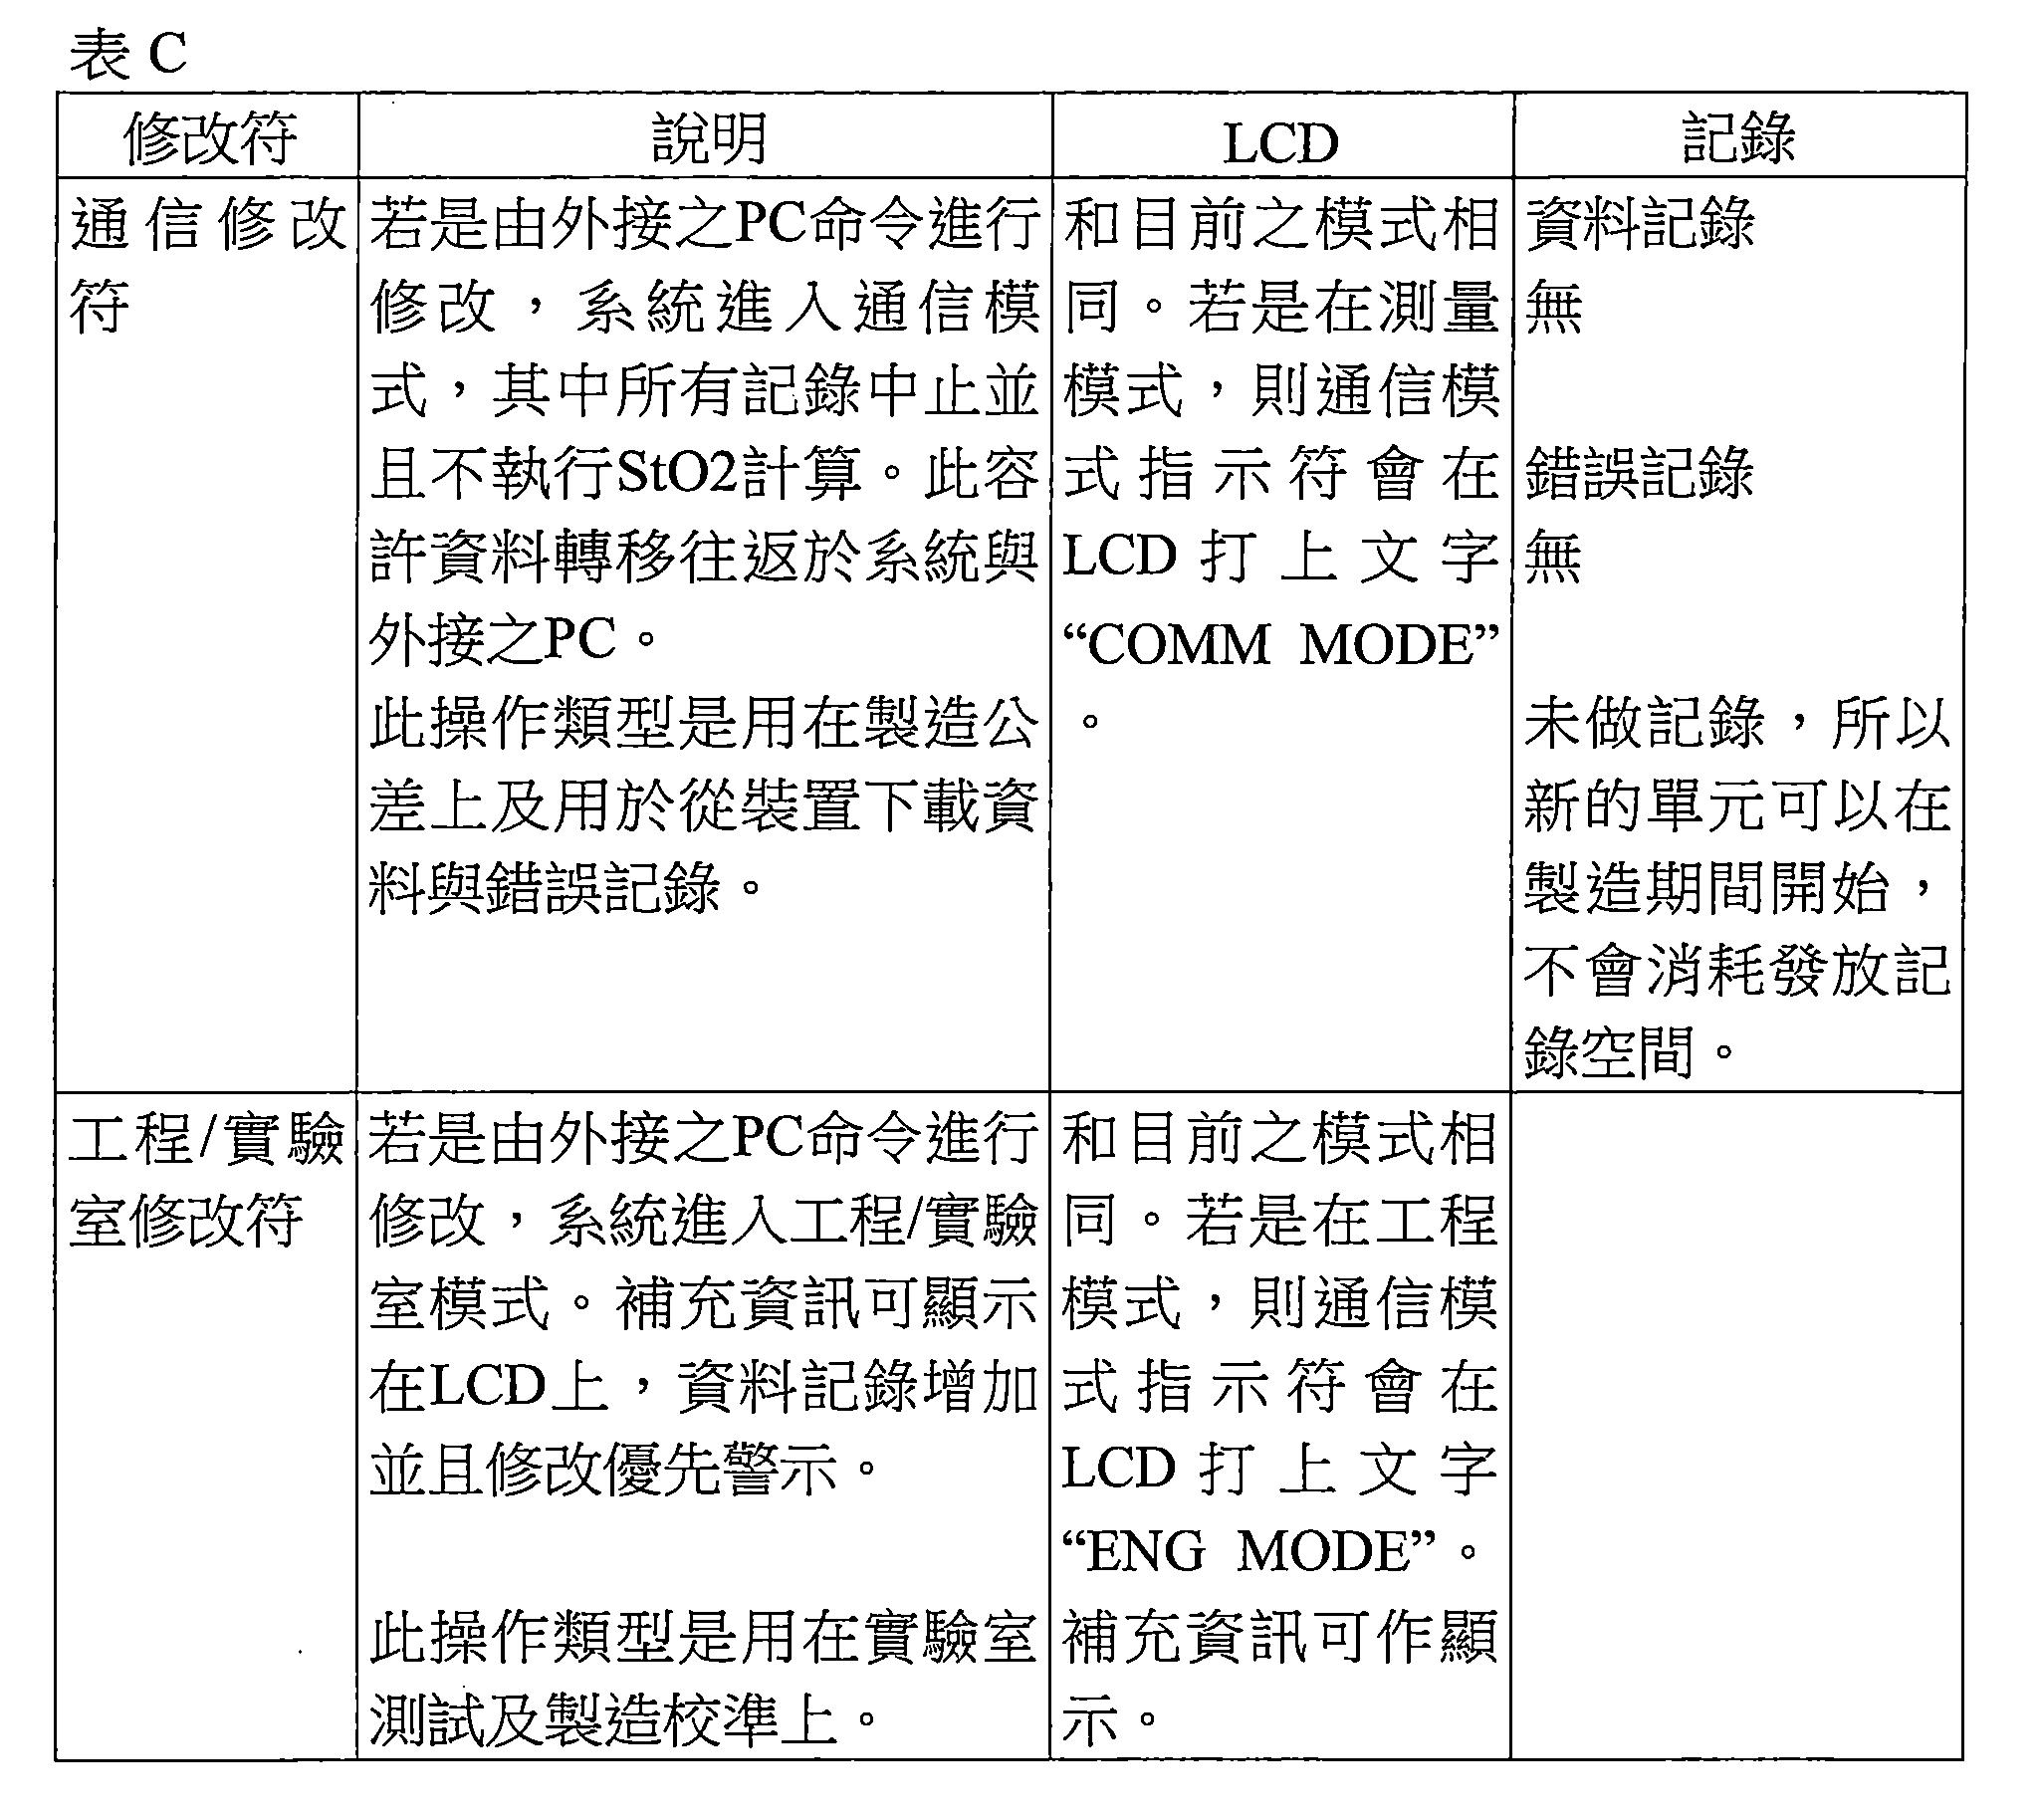 Figure TW201803523AD00004